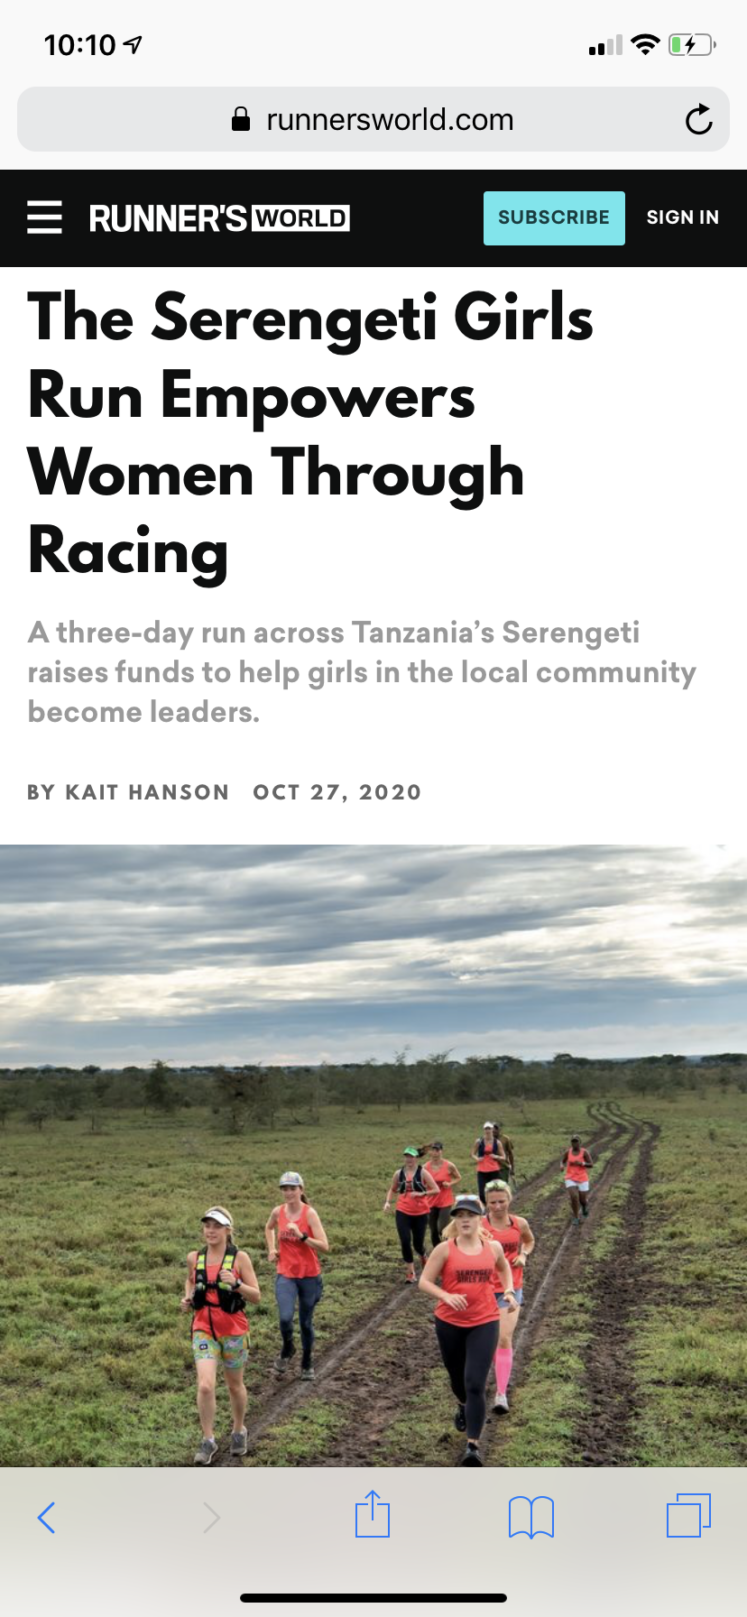 Runner's World - Serengeti Girls Run